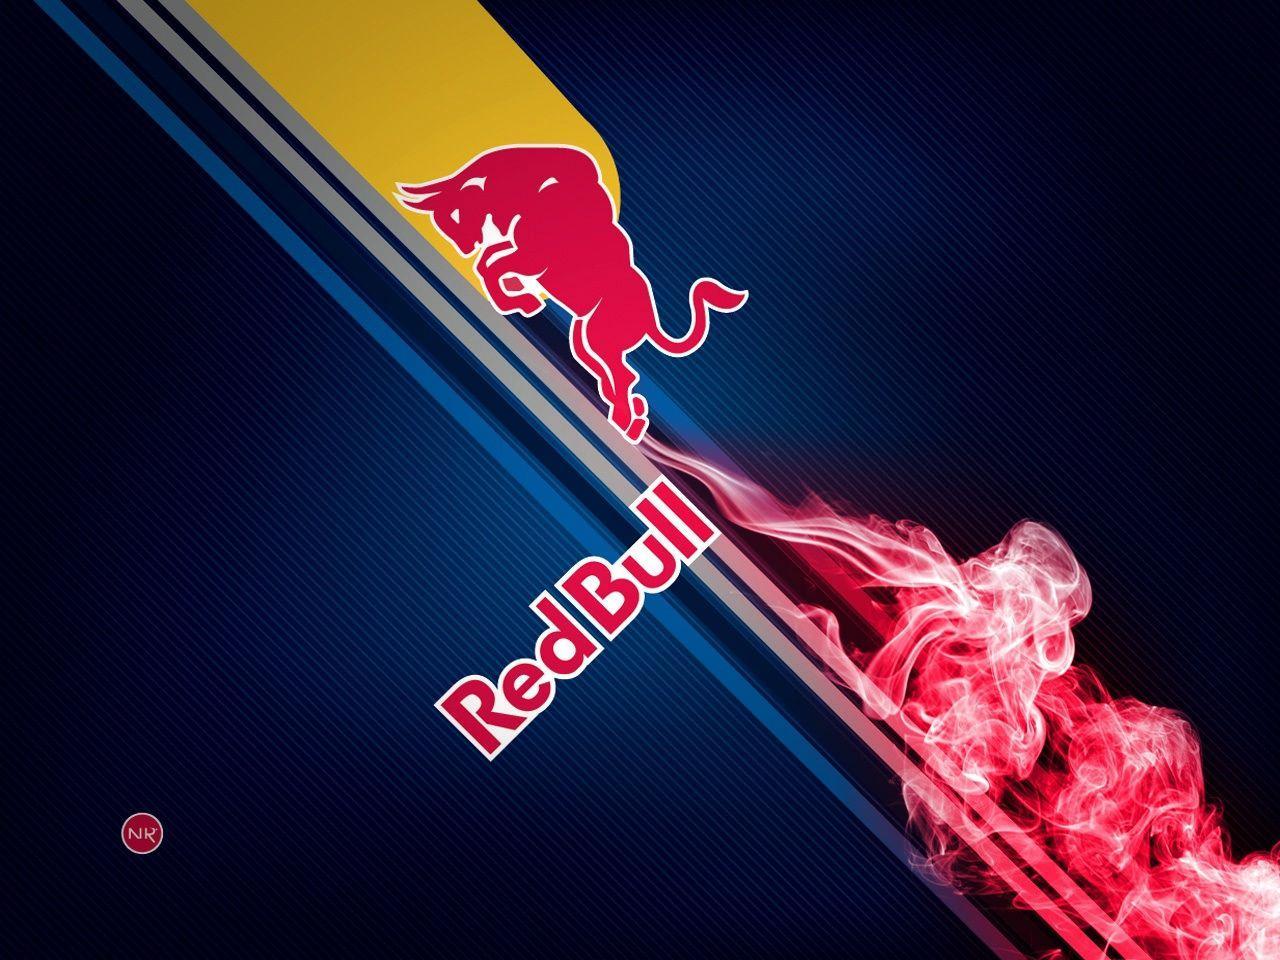 Red Bull Racing Logo Wallpapers - Wallpaper Cave